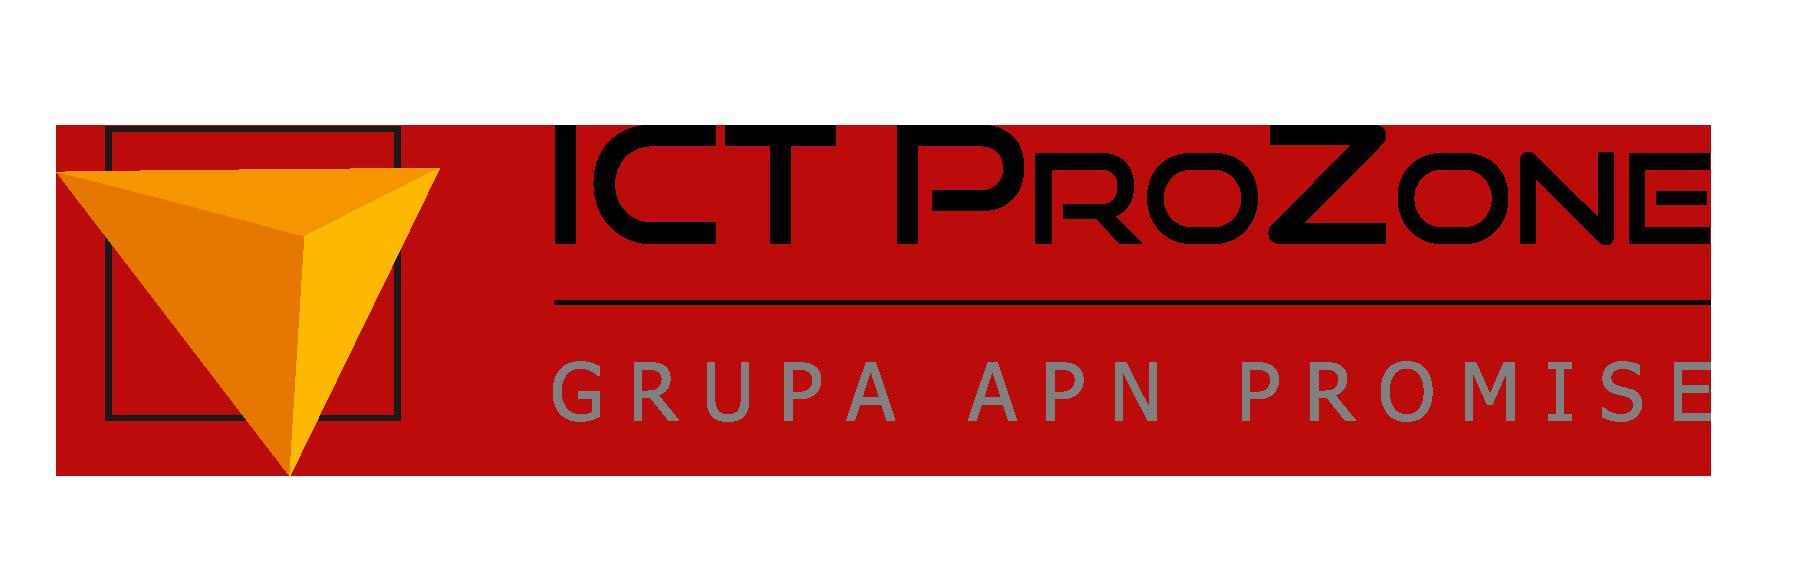 ICT ProZone logo